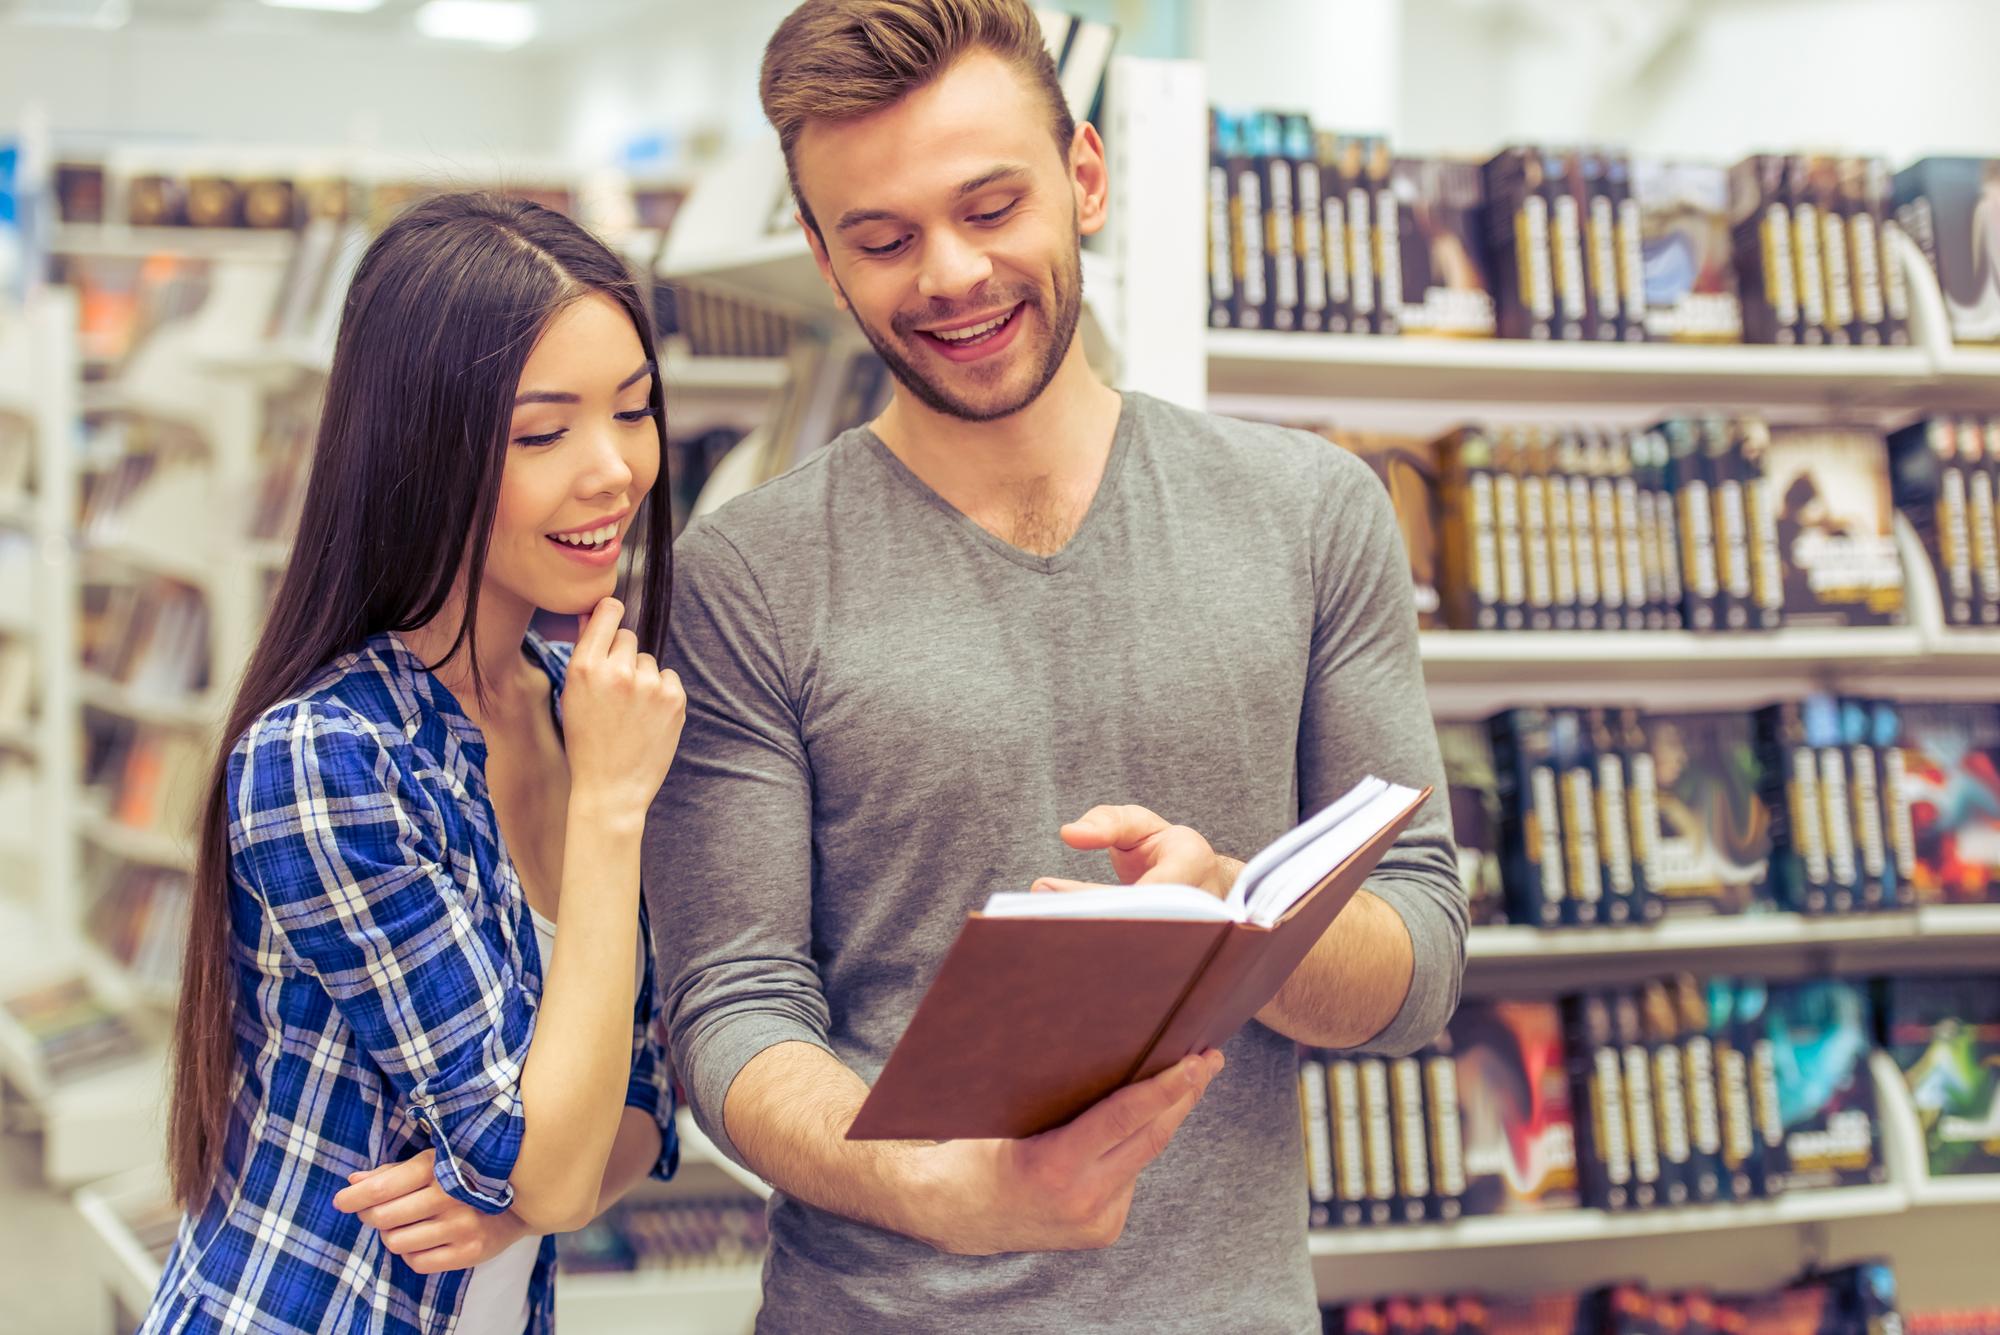 Где в мире покупают больше всего книг и что читают украинцы - данные соцопроса